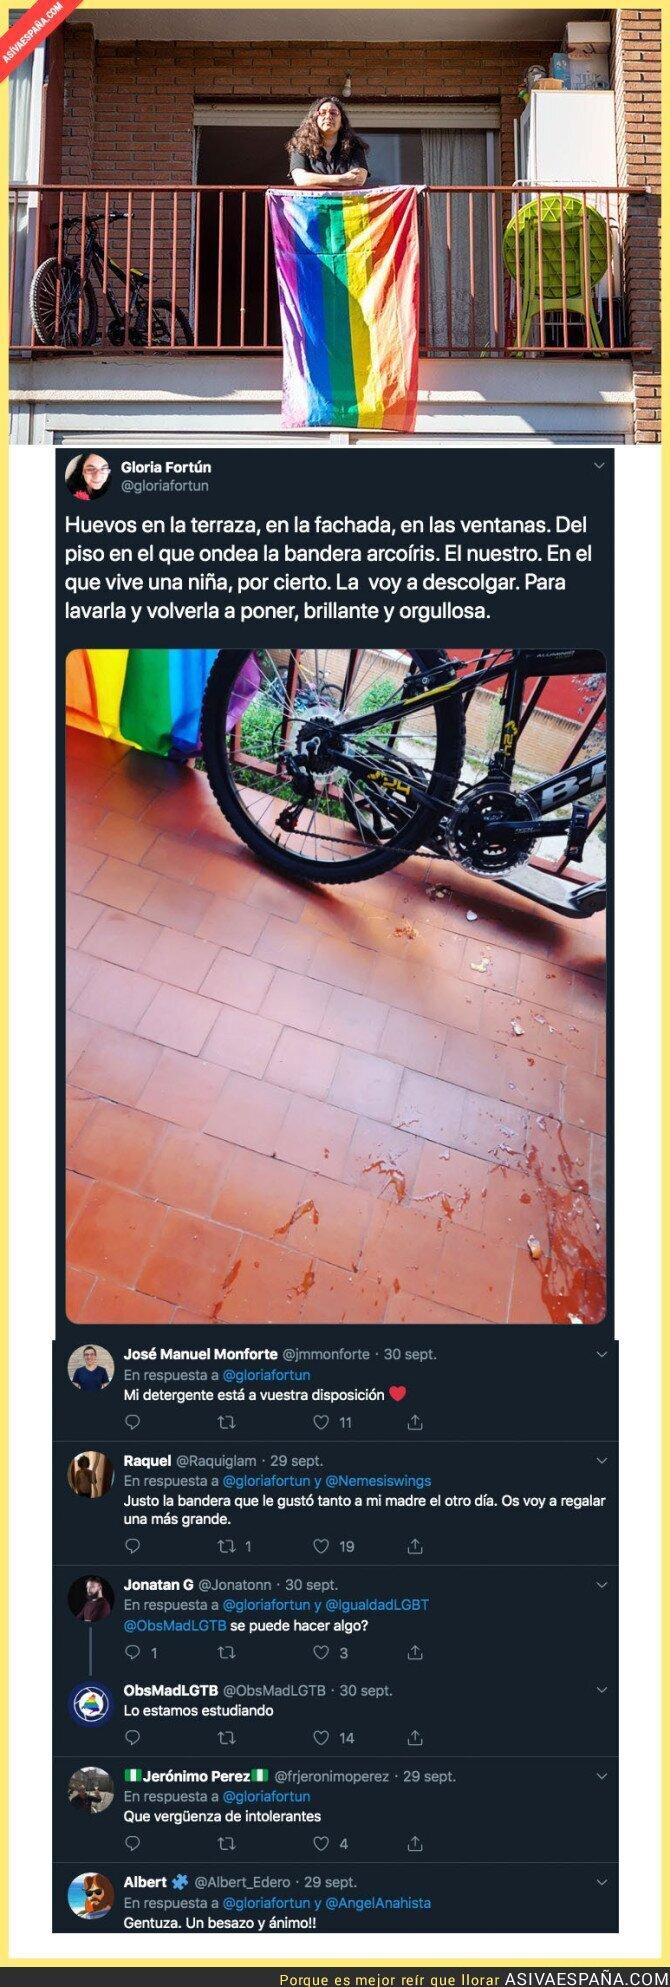 122766 - Unos huevos no te deben detener por lucir bien orgullosa una bandera LGTBI